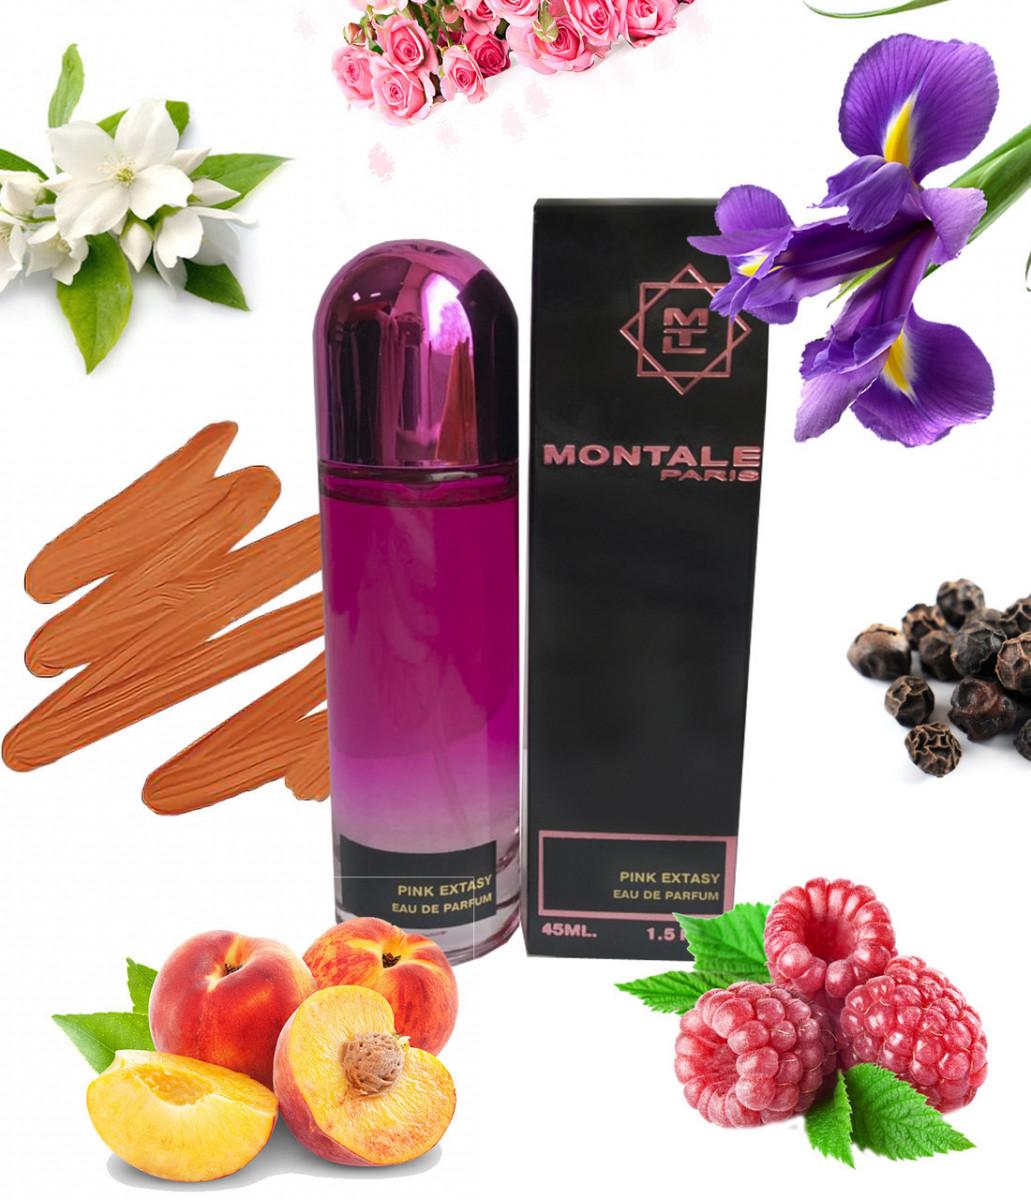 Montale Pink Extasy edp 45ml